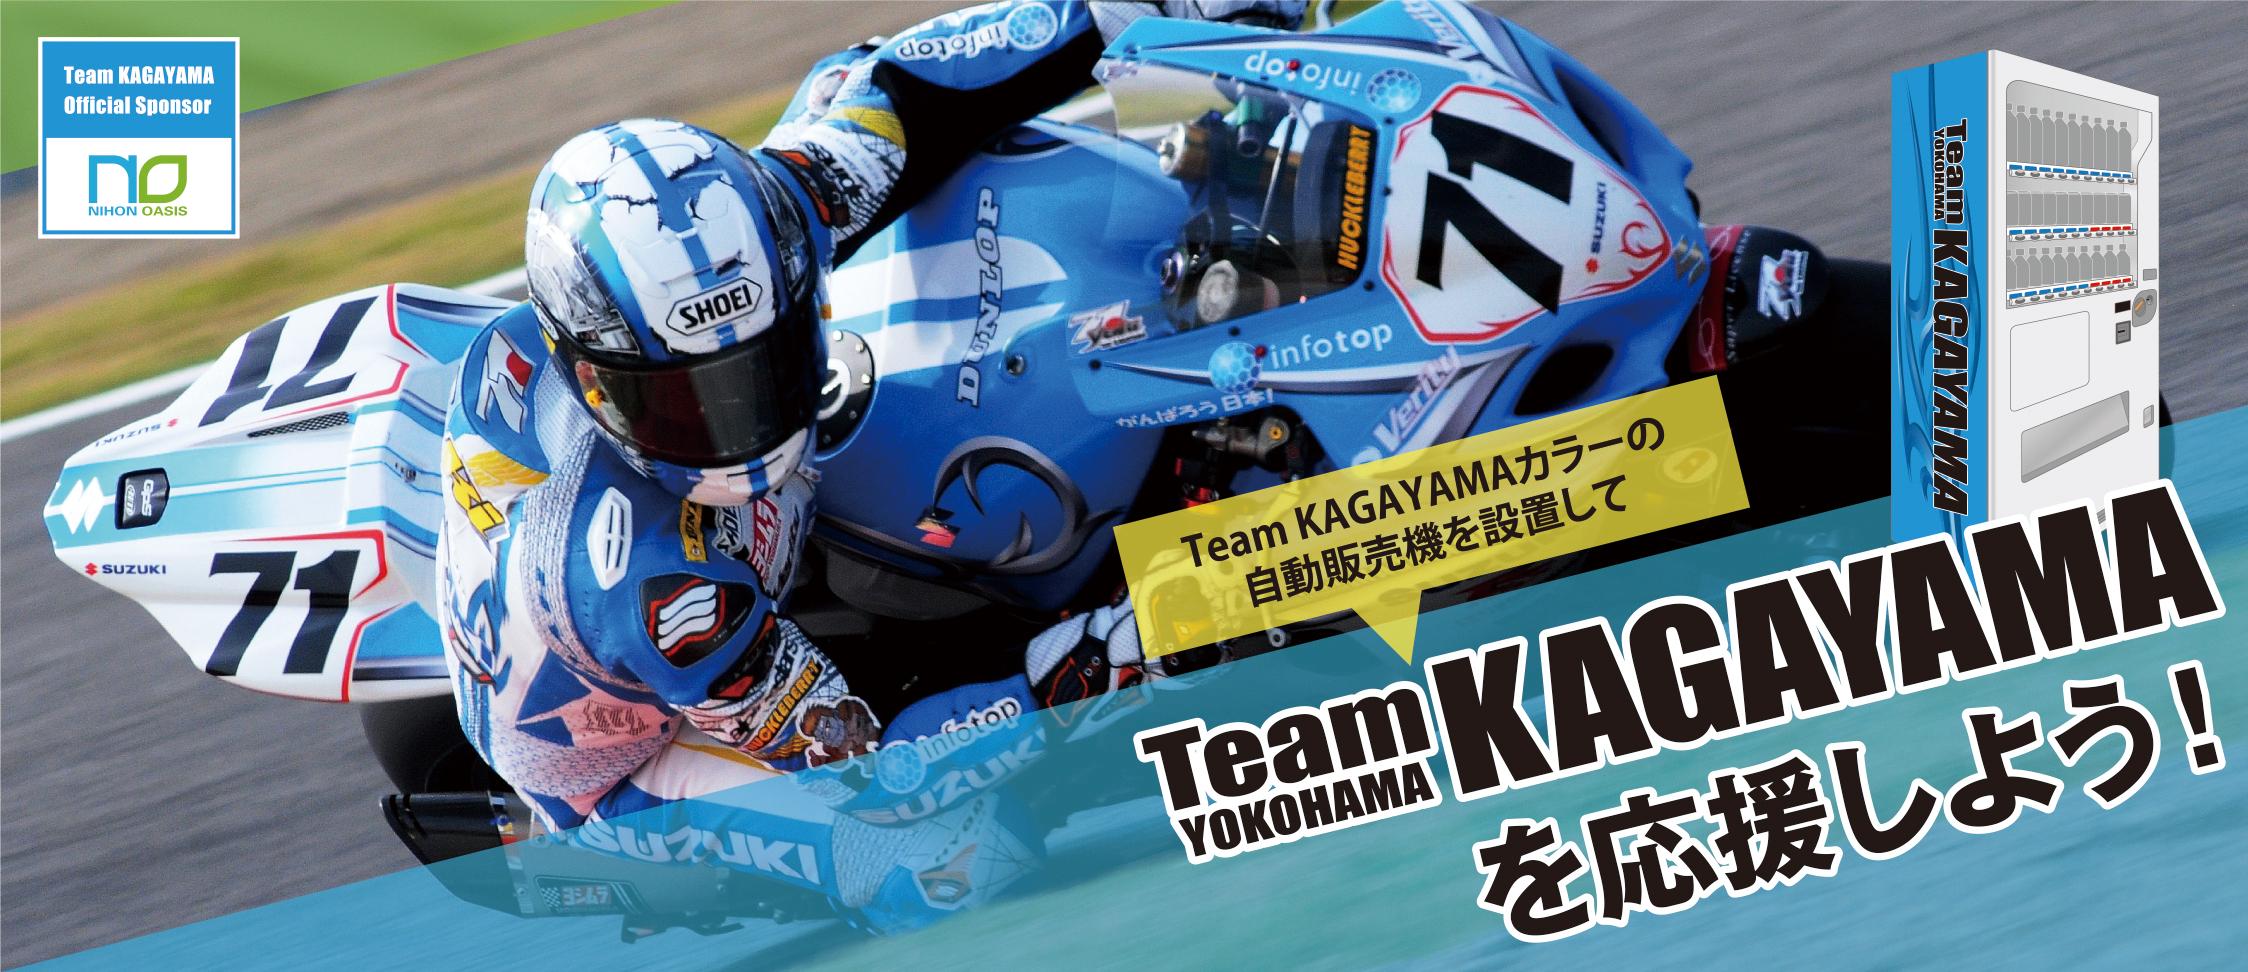 日本オアシス|Team KAGAYAMA応援ベンダー